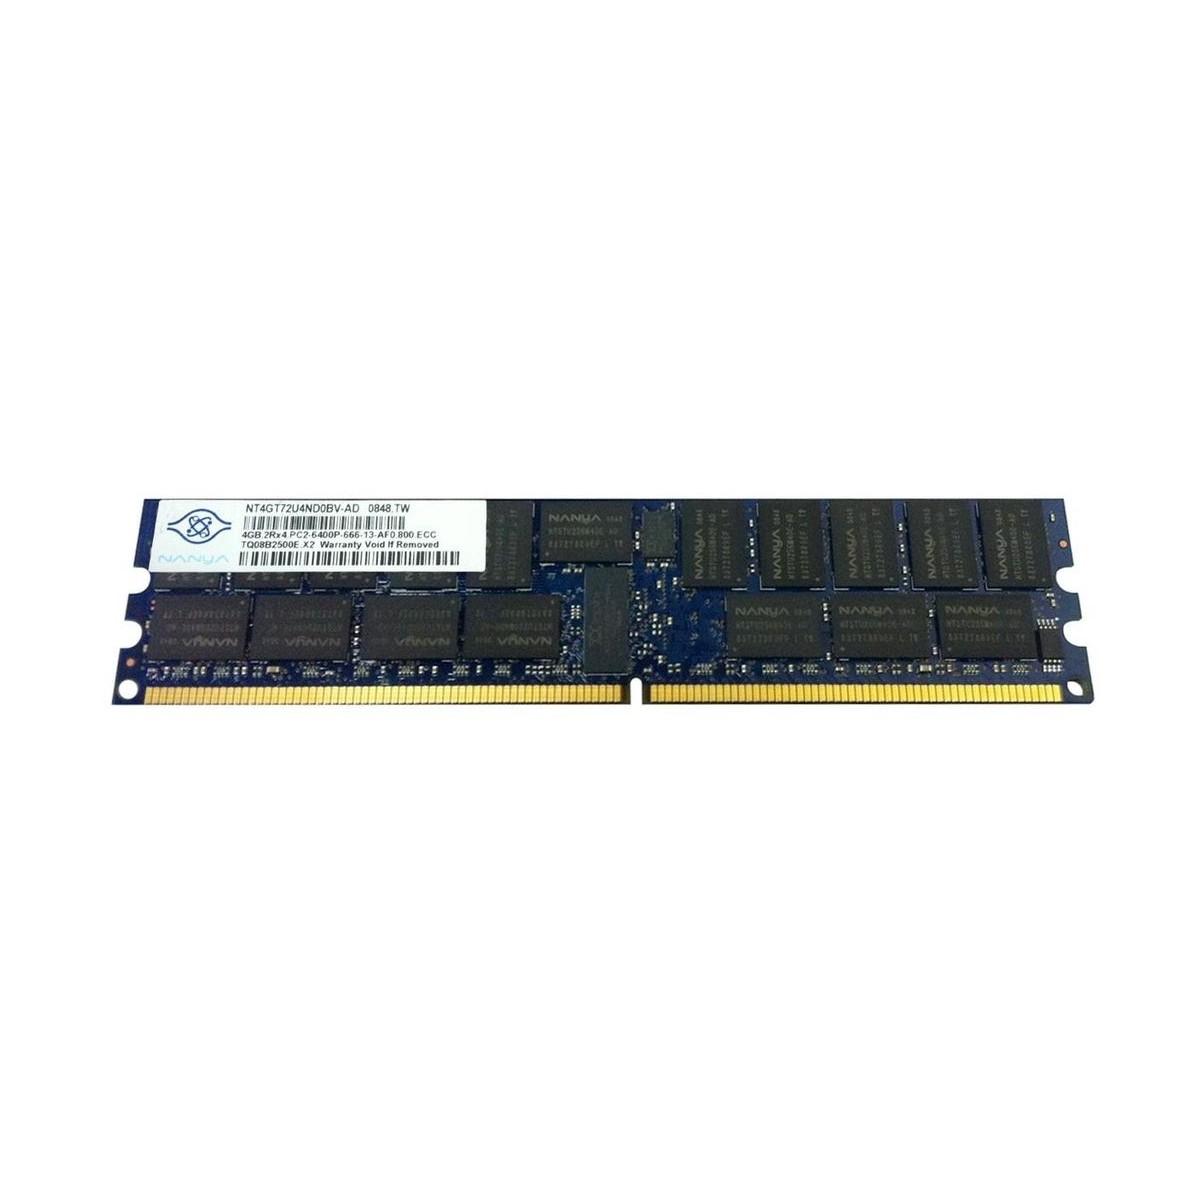 IBM x3250 M4 3.20QC E3-1230 16GB 2x750GB SATA RAID